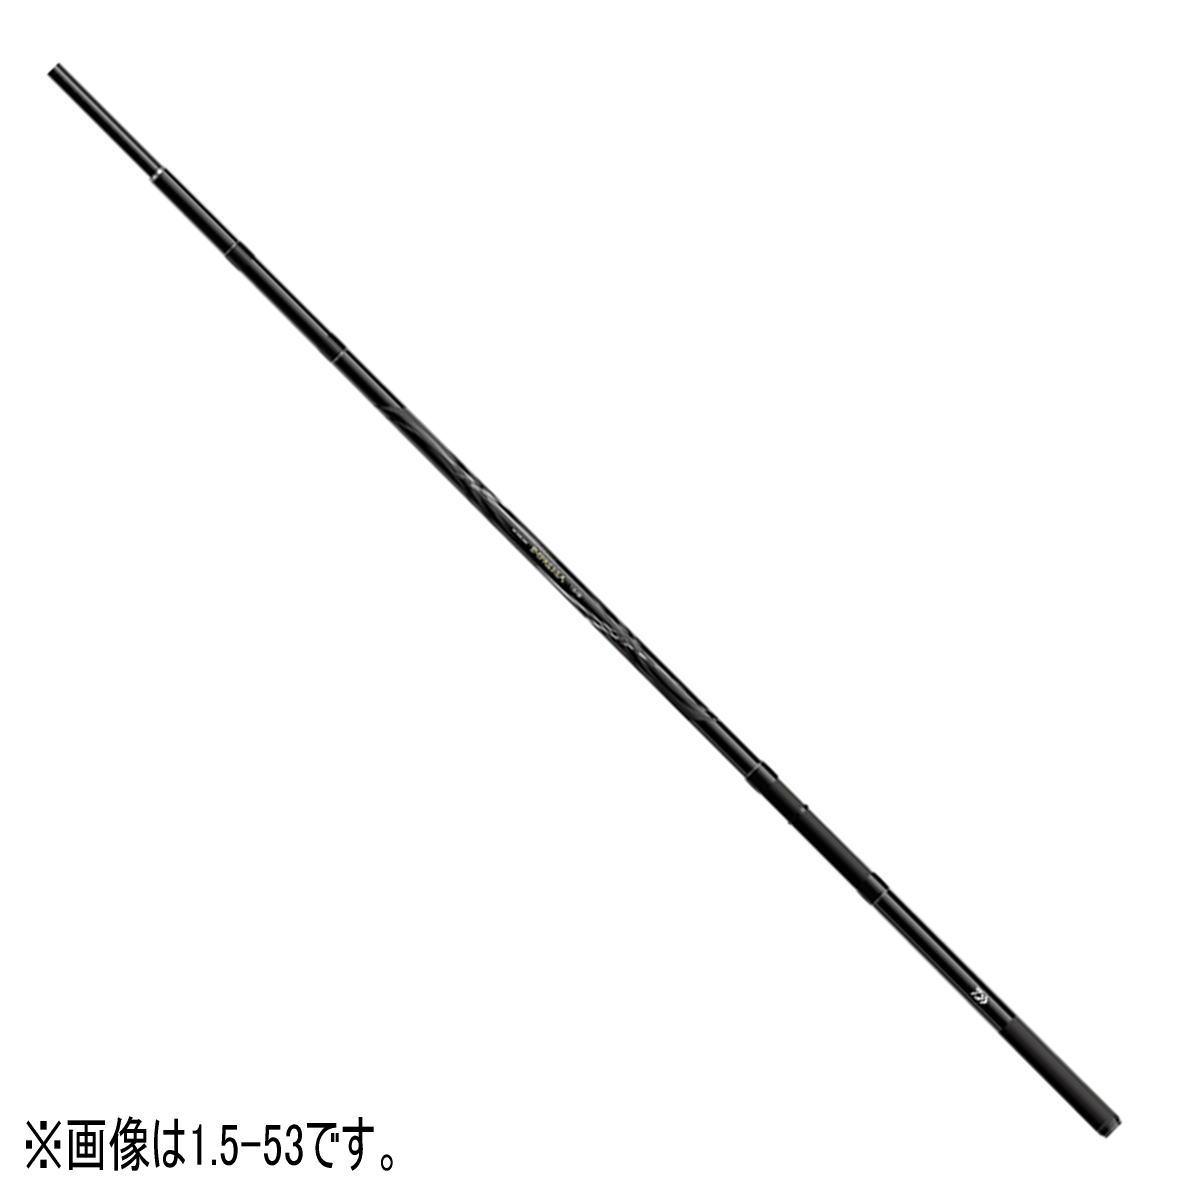 【送料無料5】ダイワ ロッド インターライン インプレッサ 5-52遠投